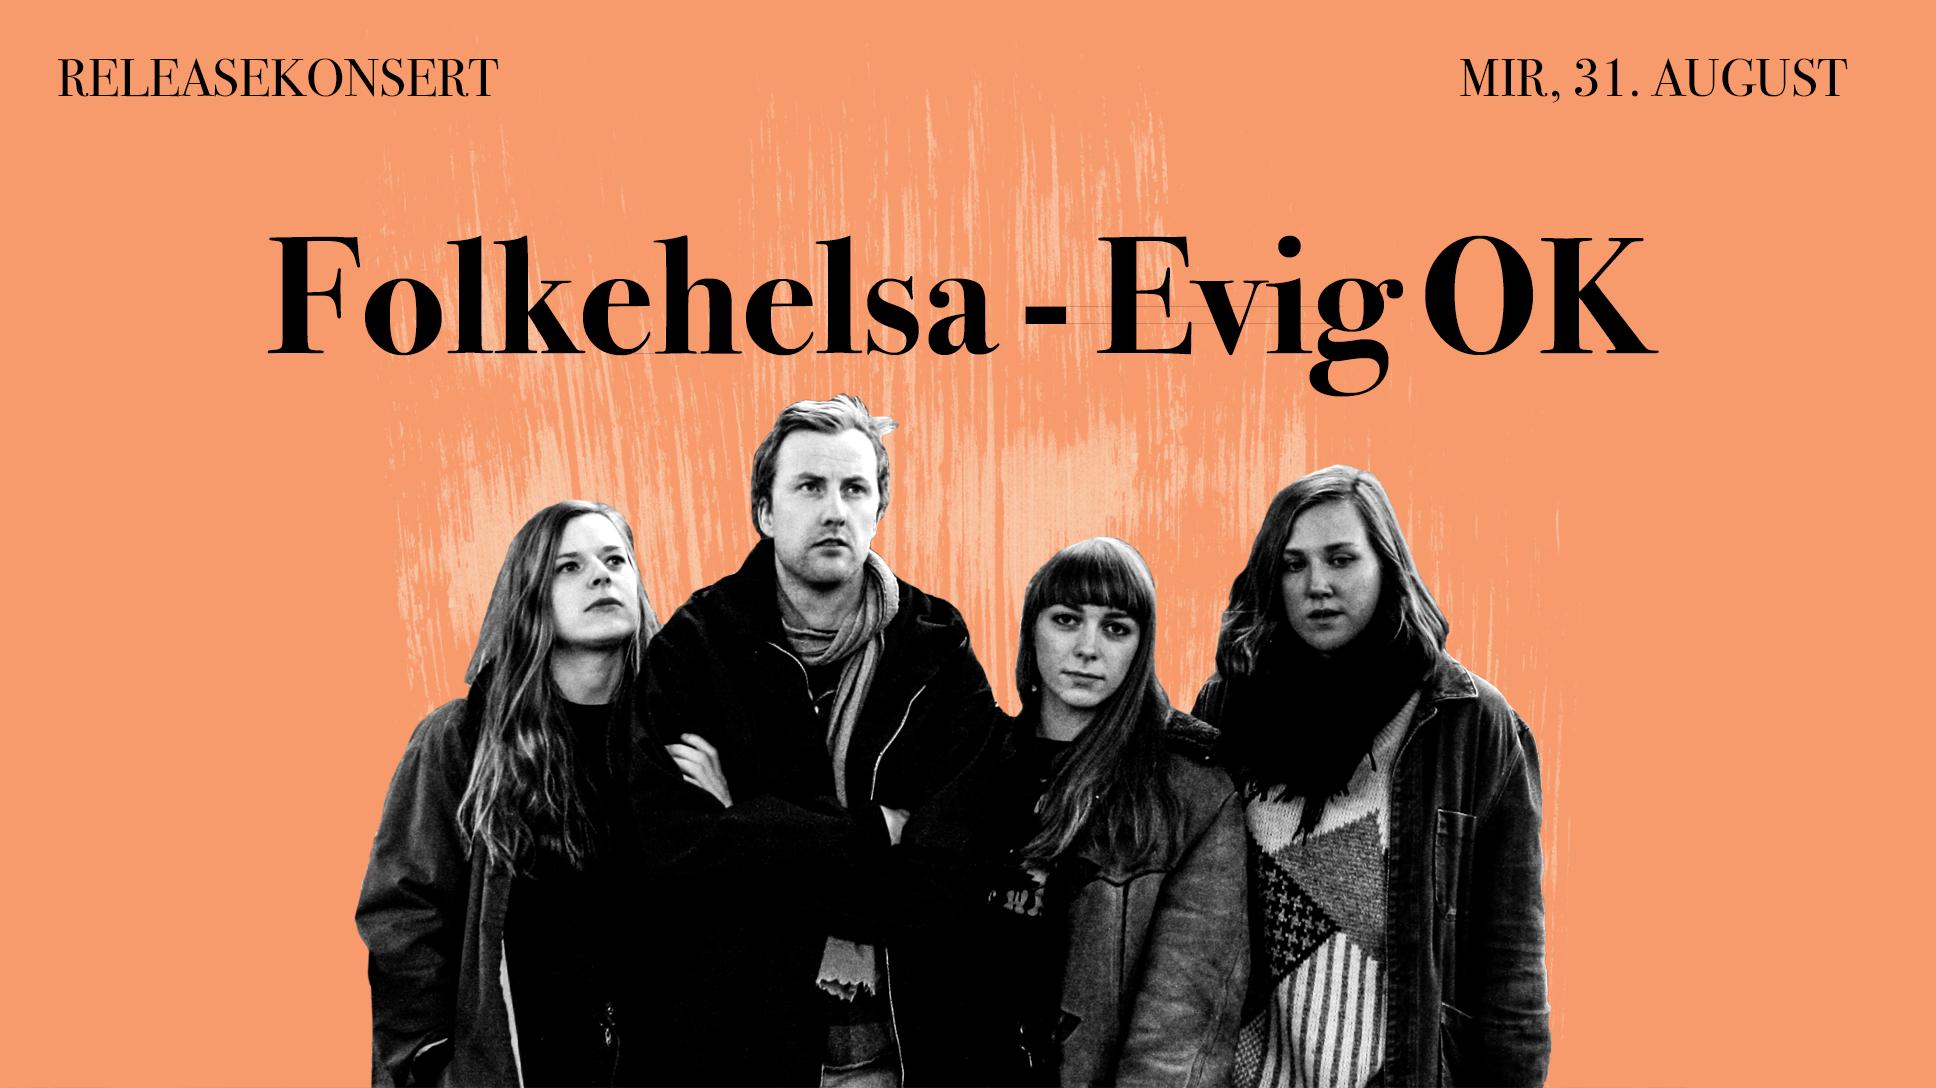 Releasekonsert for Folkehelsa: Evig OK